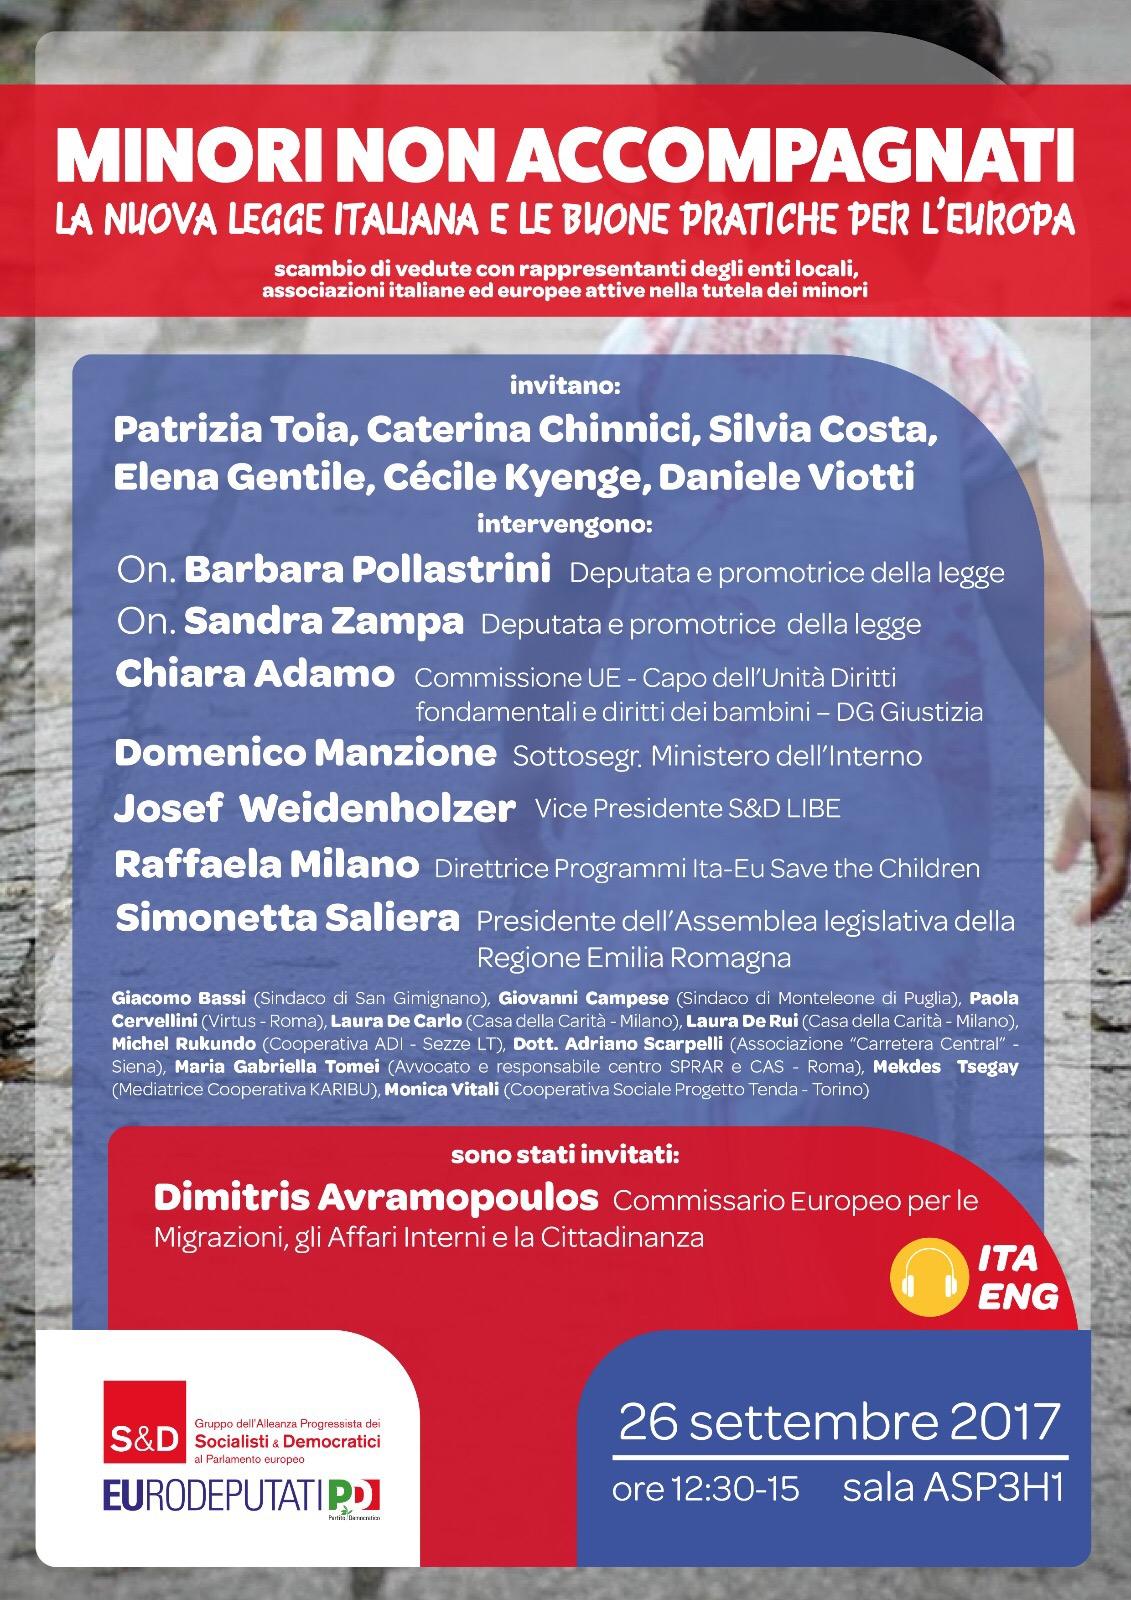 locandina della presentazione della carta europea di san gimignano per i diritti dei minori stranieri non accompagnati al parlamento europeo